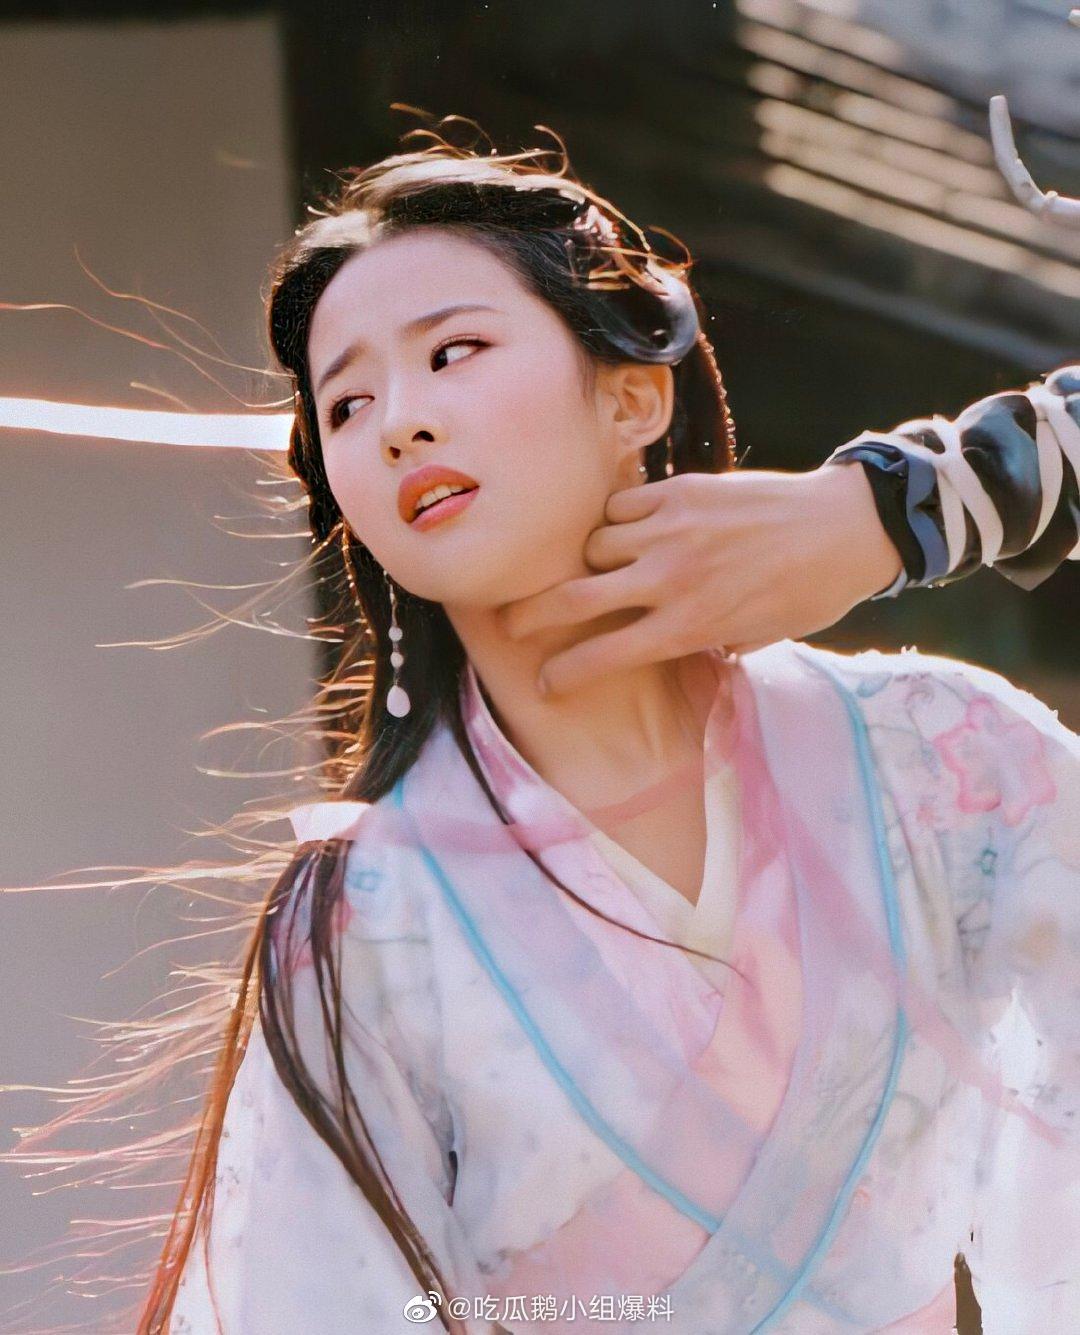 85花最受欢迎角色,刘亦菲的王语嫣、小龙女